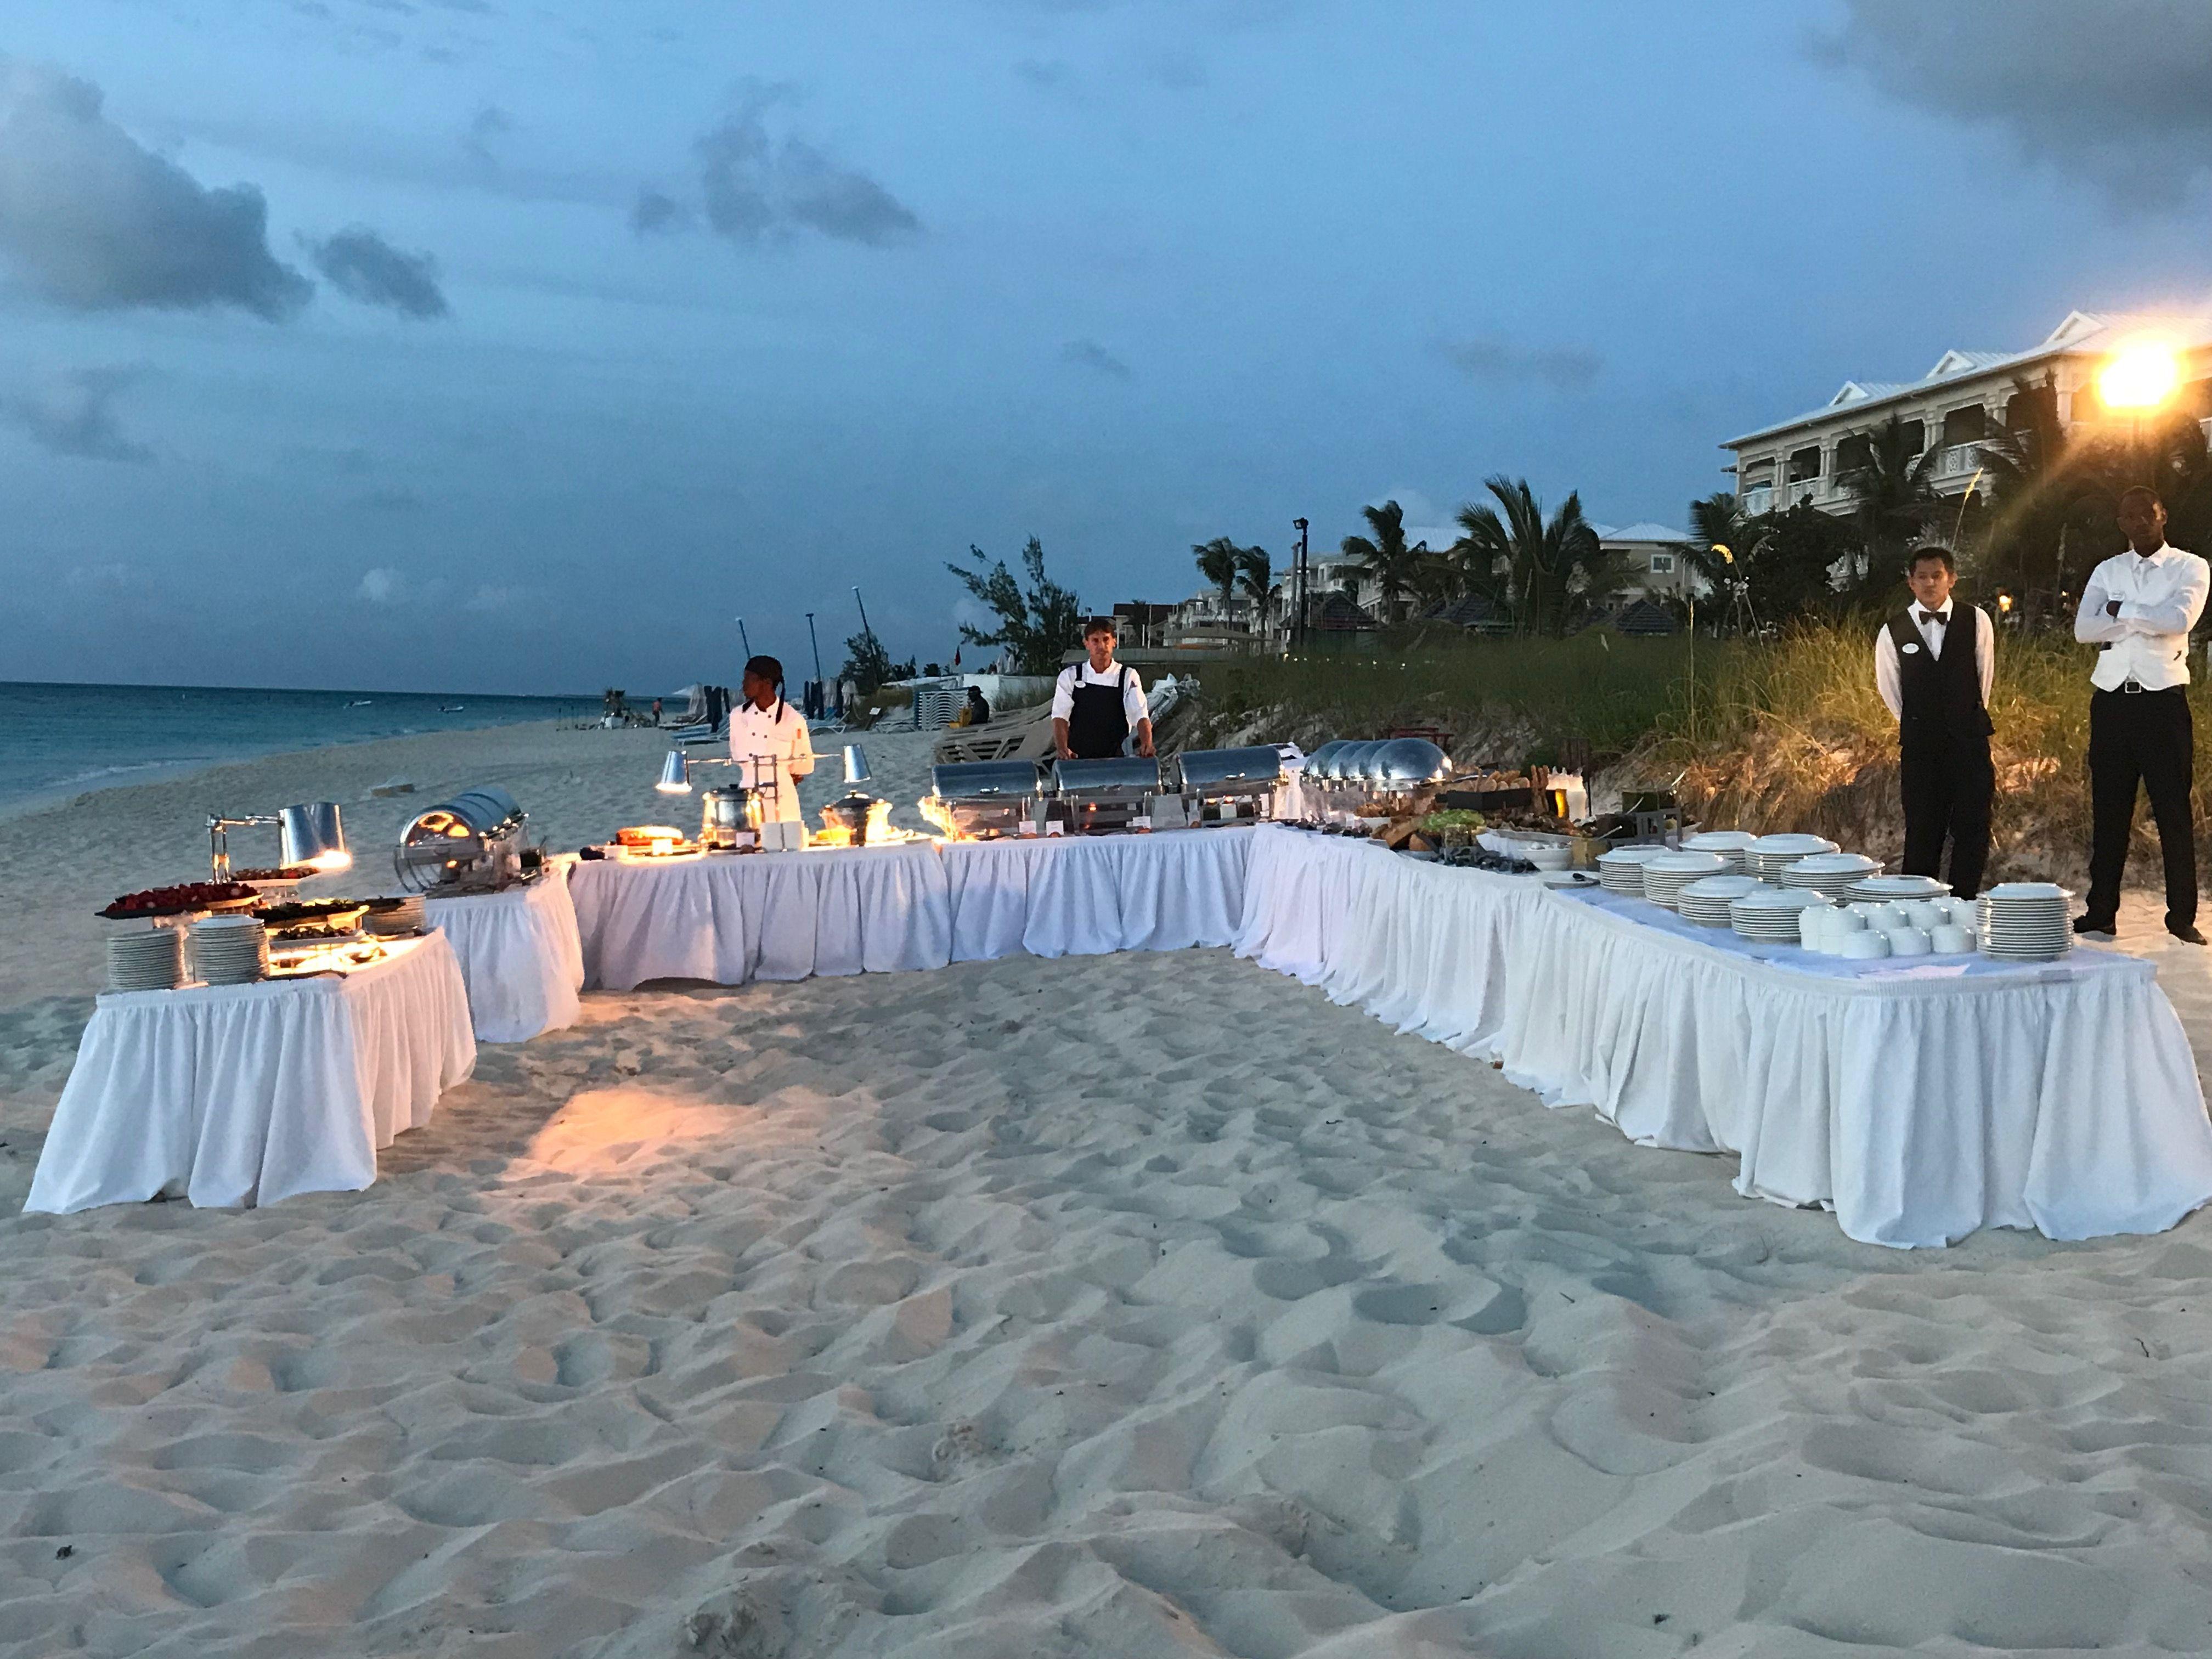 Wedding Reception Buffet On The Beach Beaches Turks Caicos Love Aisletoisle Wedding Sanda Beaches Turks And Caicos Buffet Wedding Reception Wedding Buffet